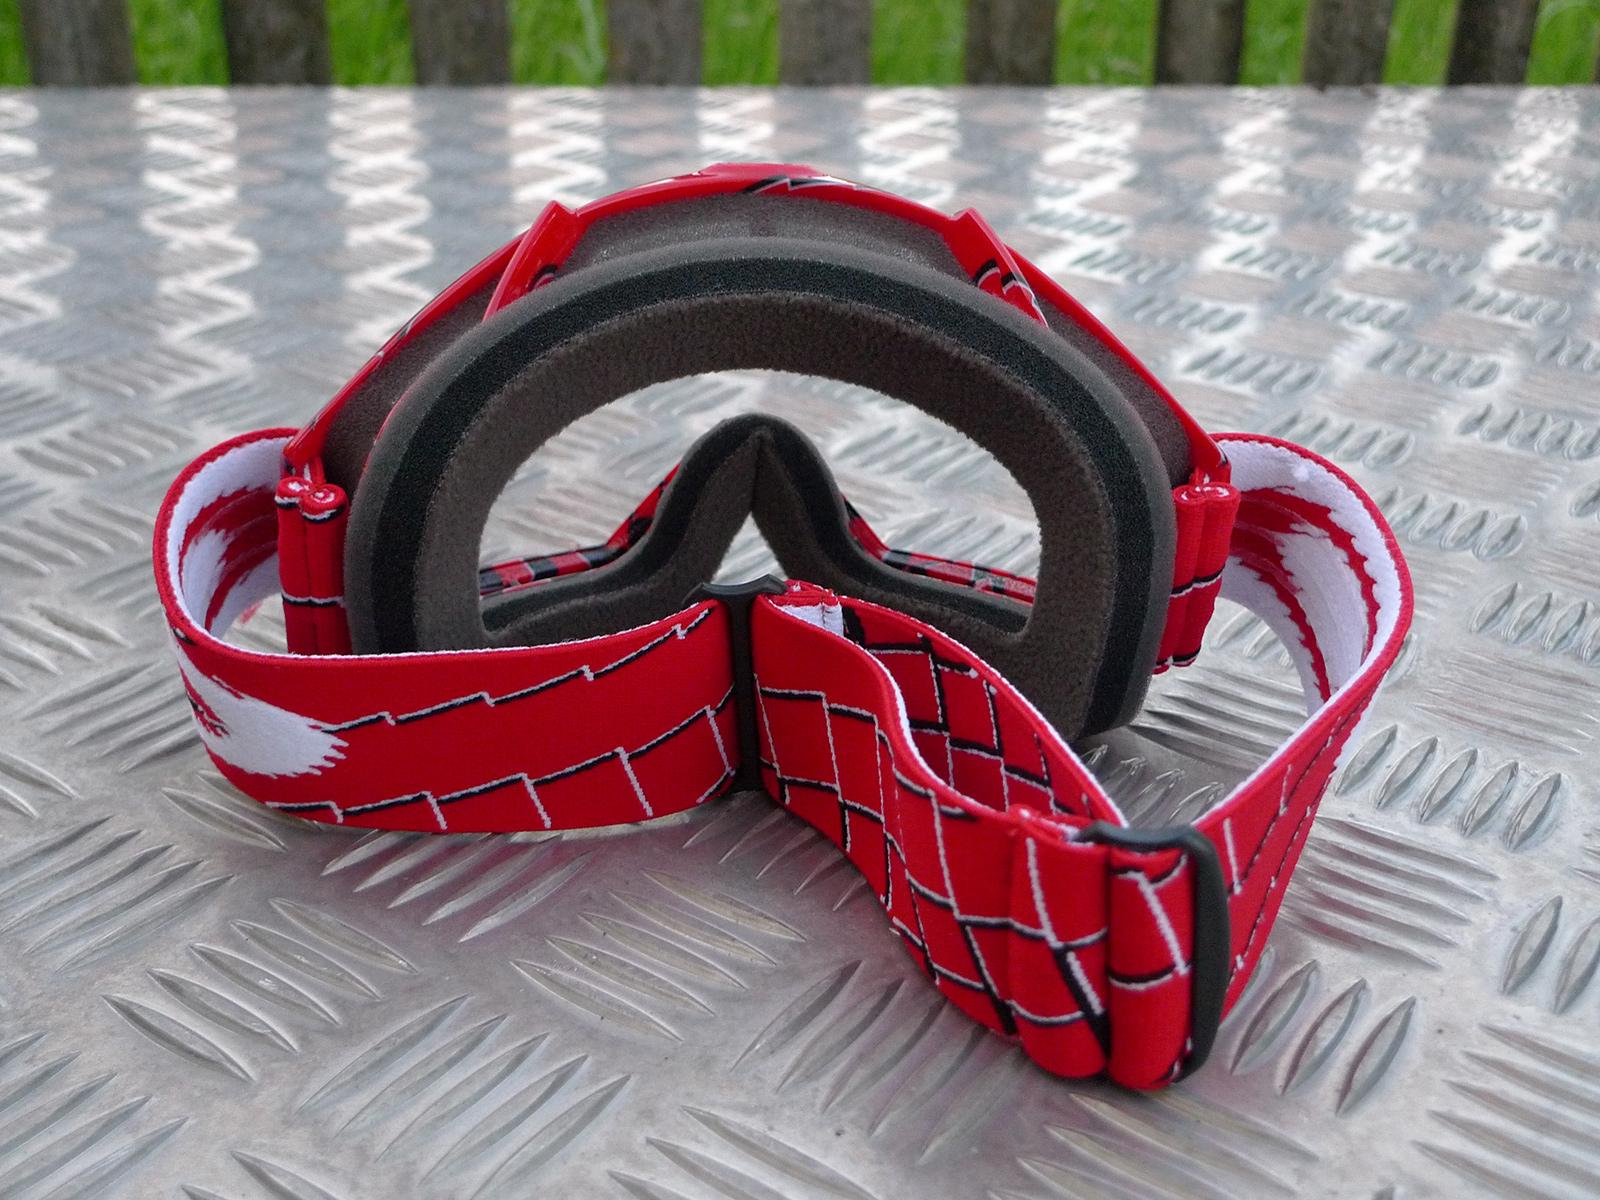 Brillen-Saisontest: Fünf Goggles im Vergleich - Seite 2